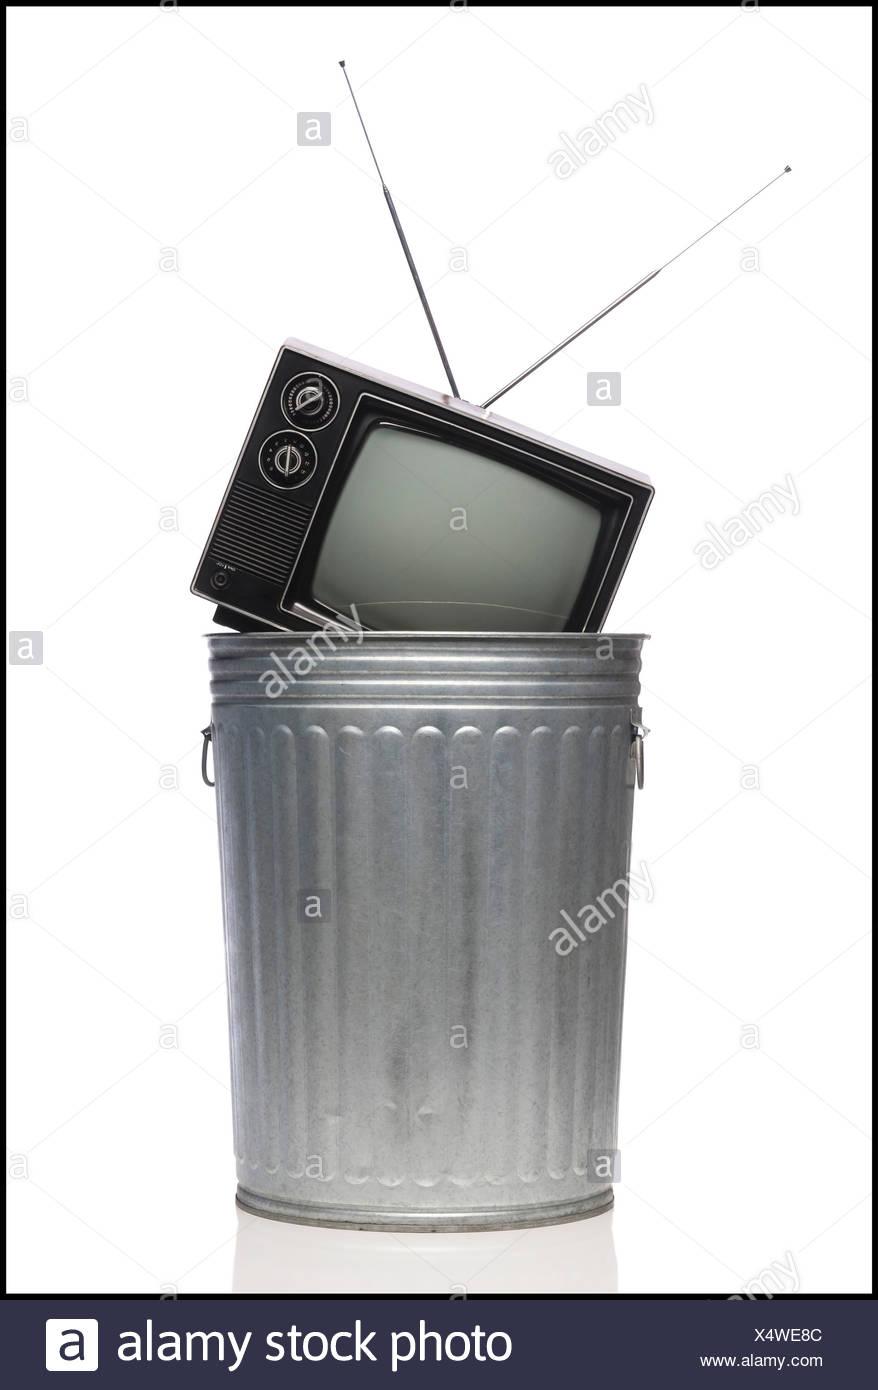 tv in the trash - Stock Image